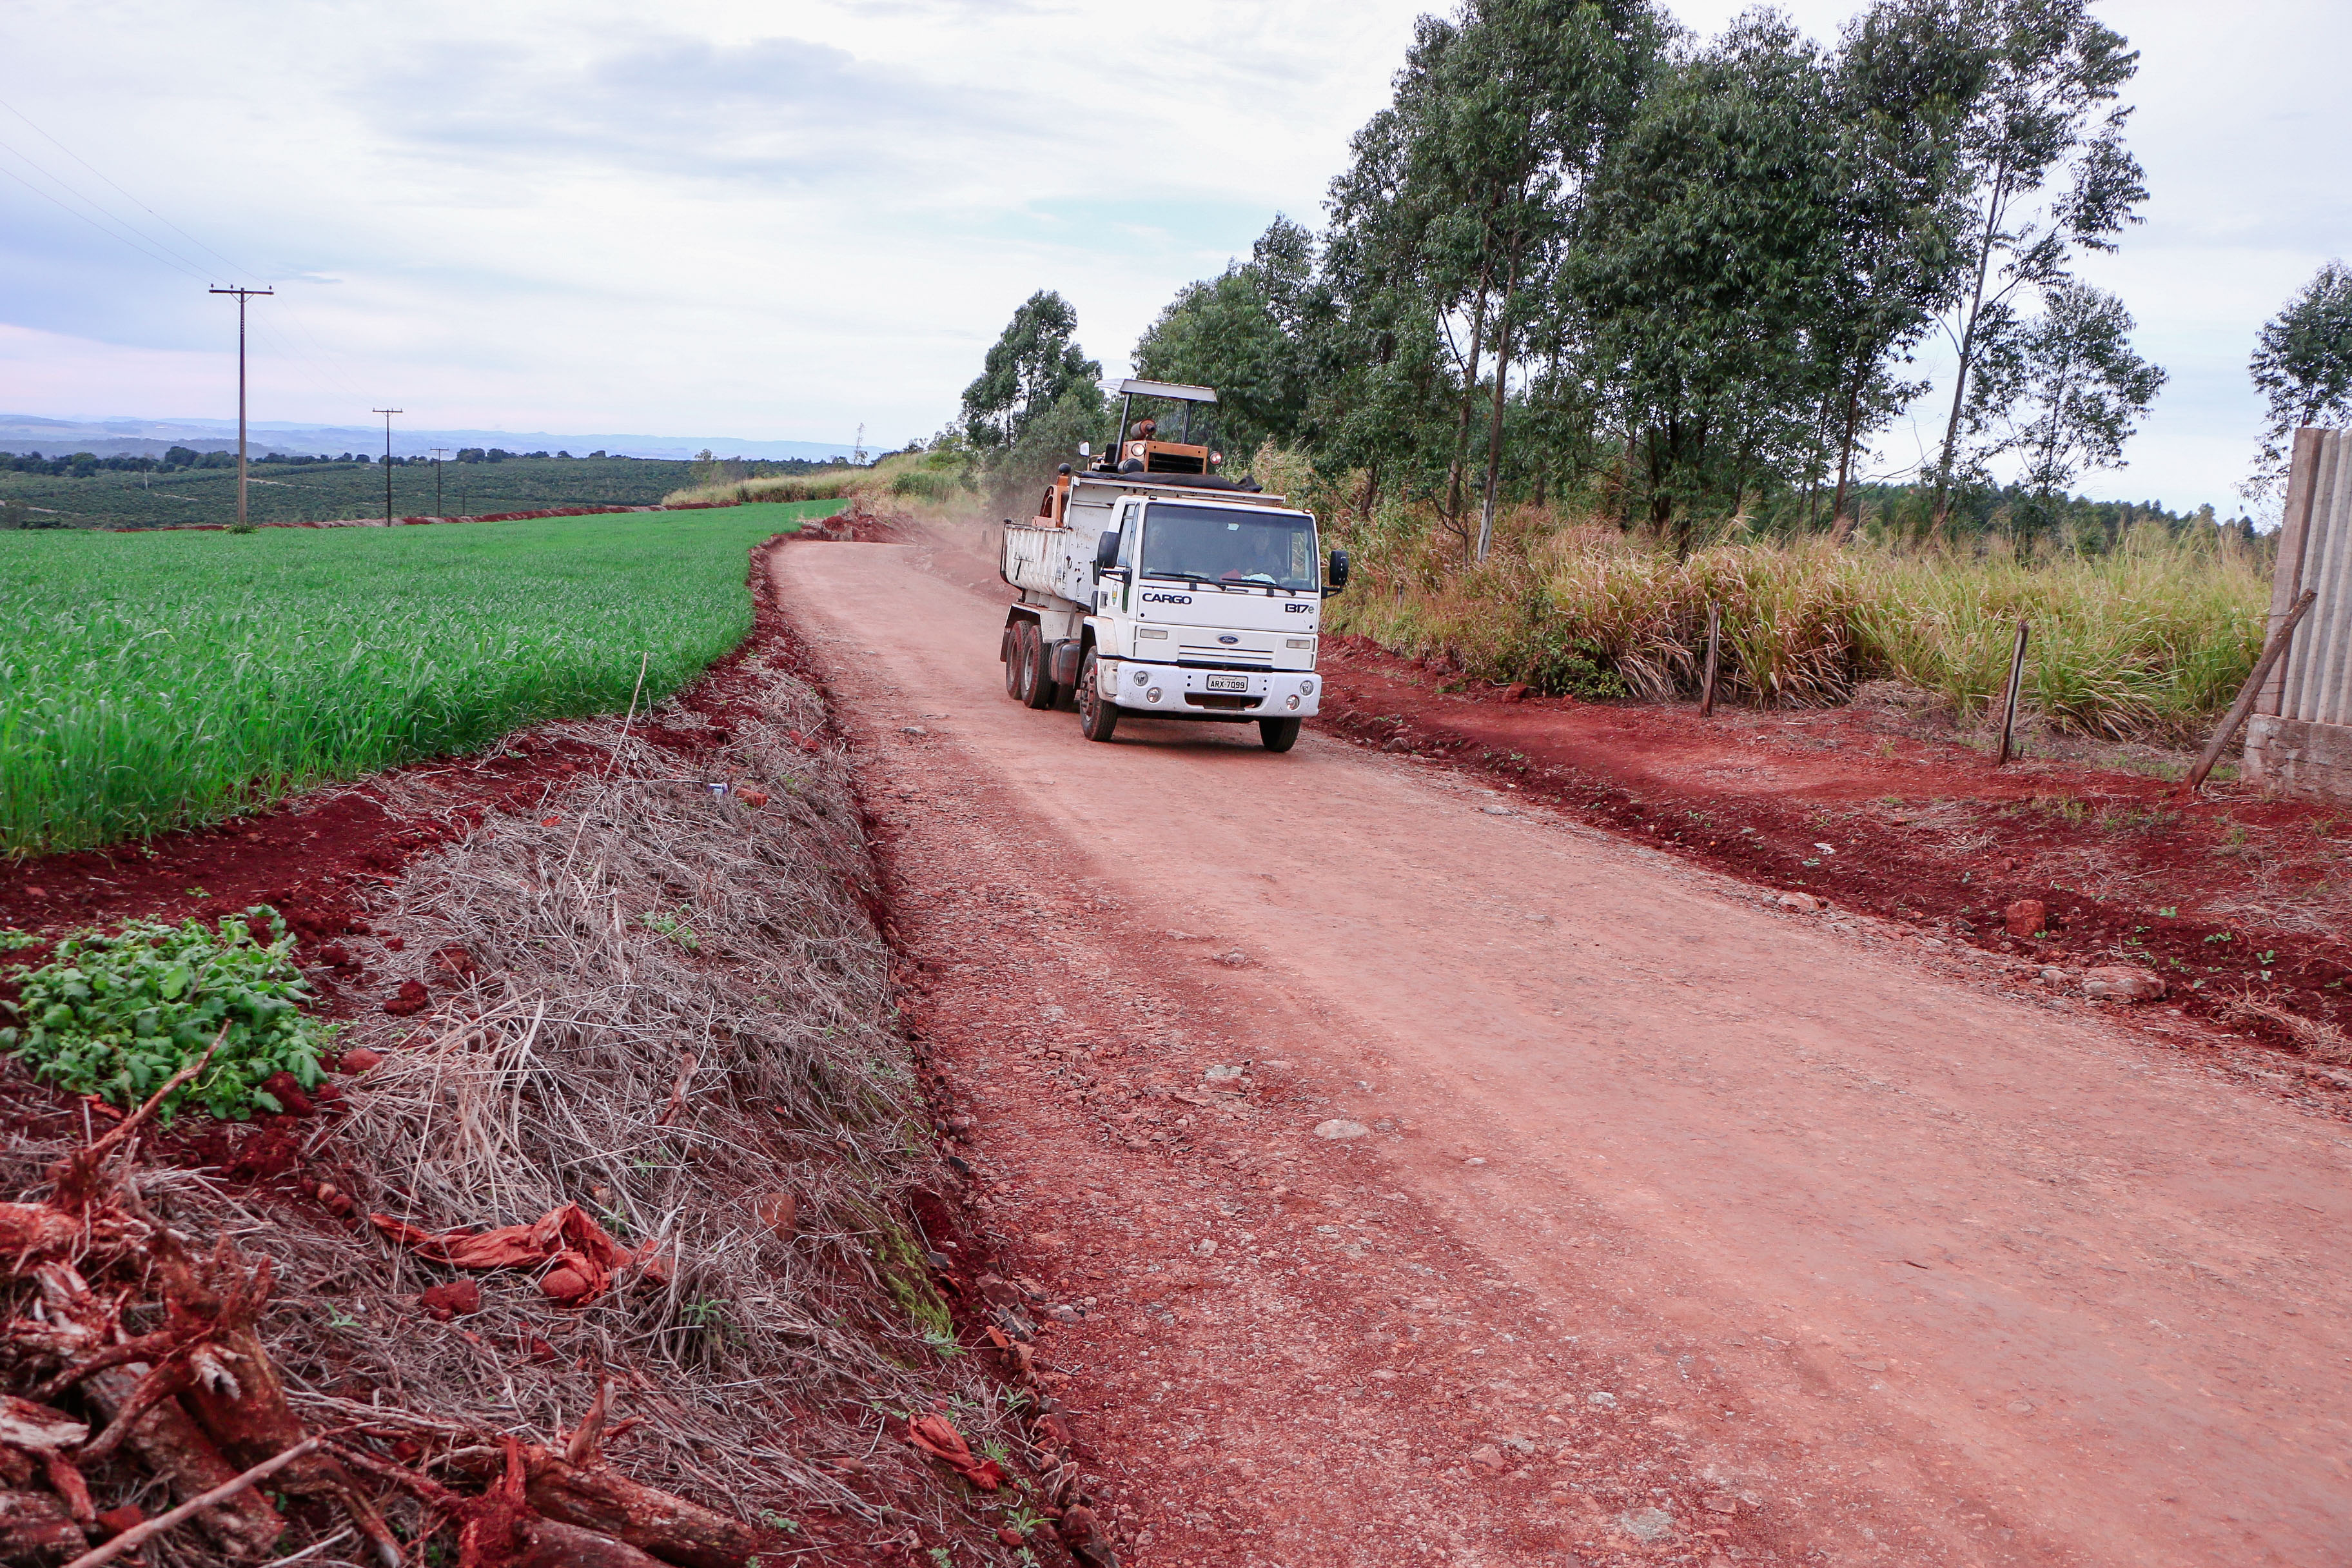 Os novos equipamentos vão substituir os existentes nos poços artesianos localizados nas comunidades rurais do 100 Alqueires e do Bilote. Foto: Edson Denobi